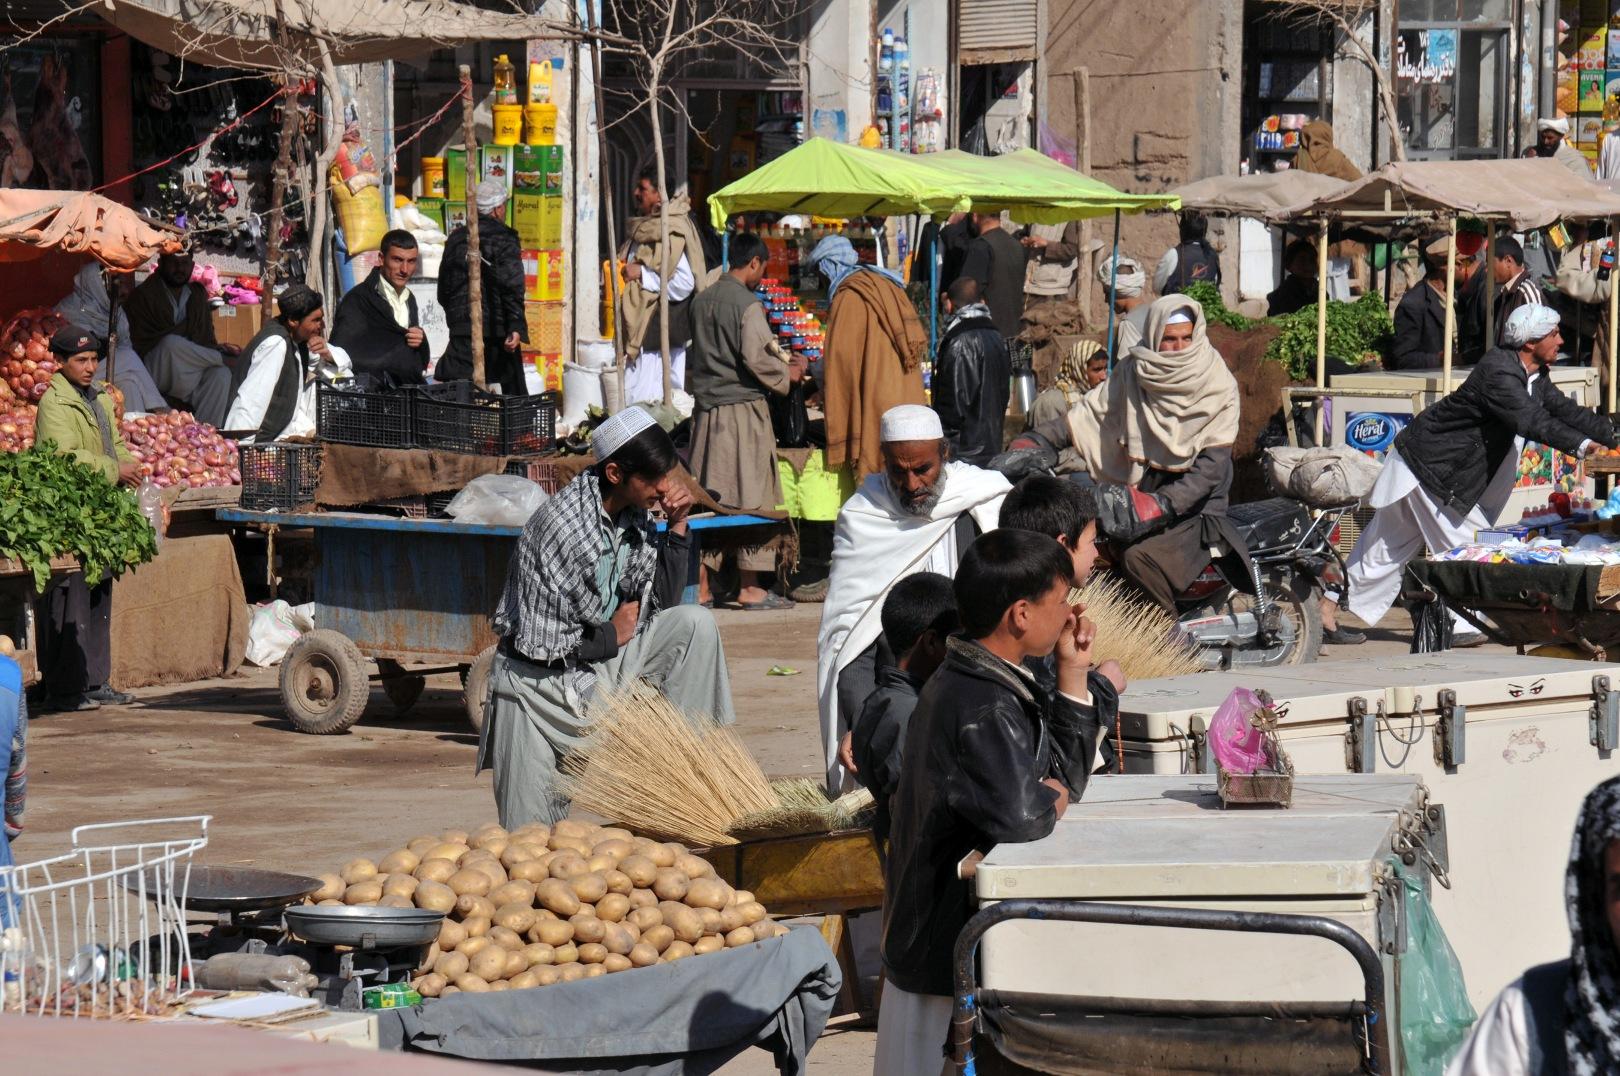 File:Market area in Herat.jpg - Wikimedia Commons